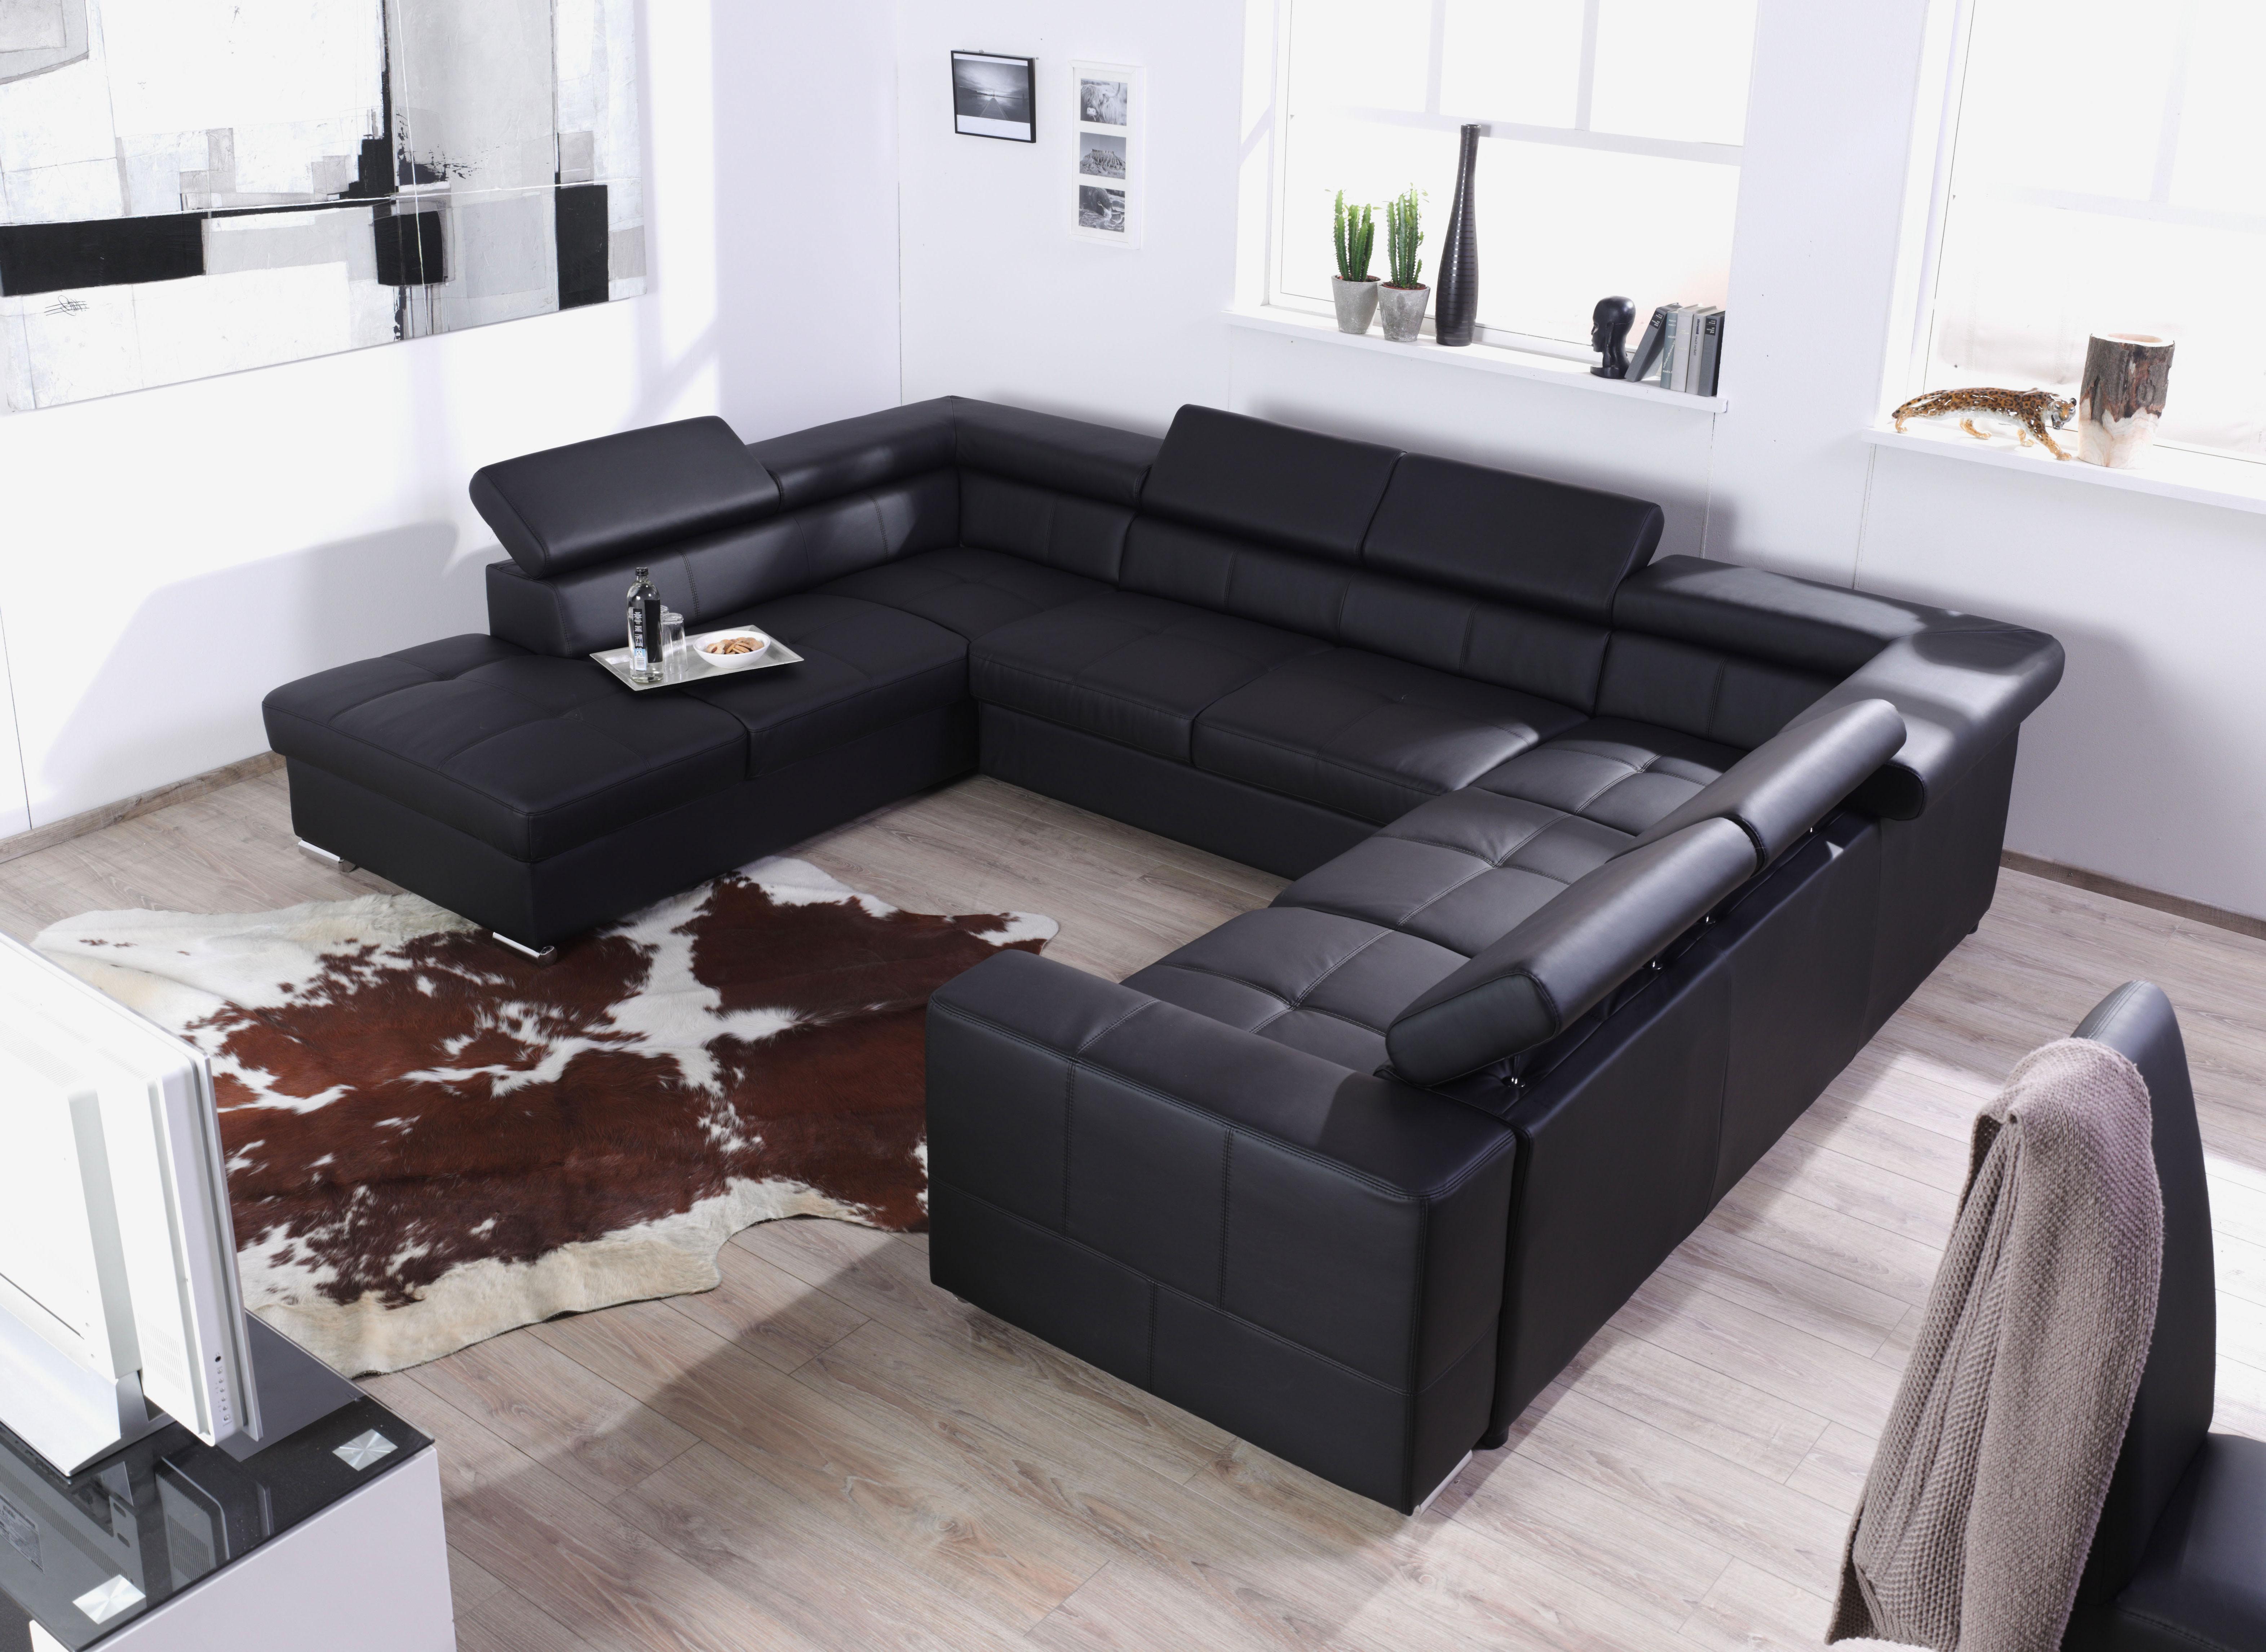 xxl wohnlandschaft couch cary u form versch farben und ausf hrungen ebay. Black Bedroom Furniture Sets. Home Design Ideas